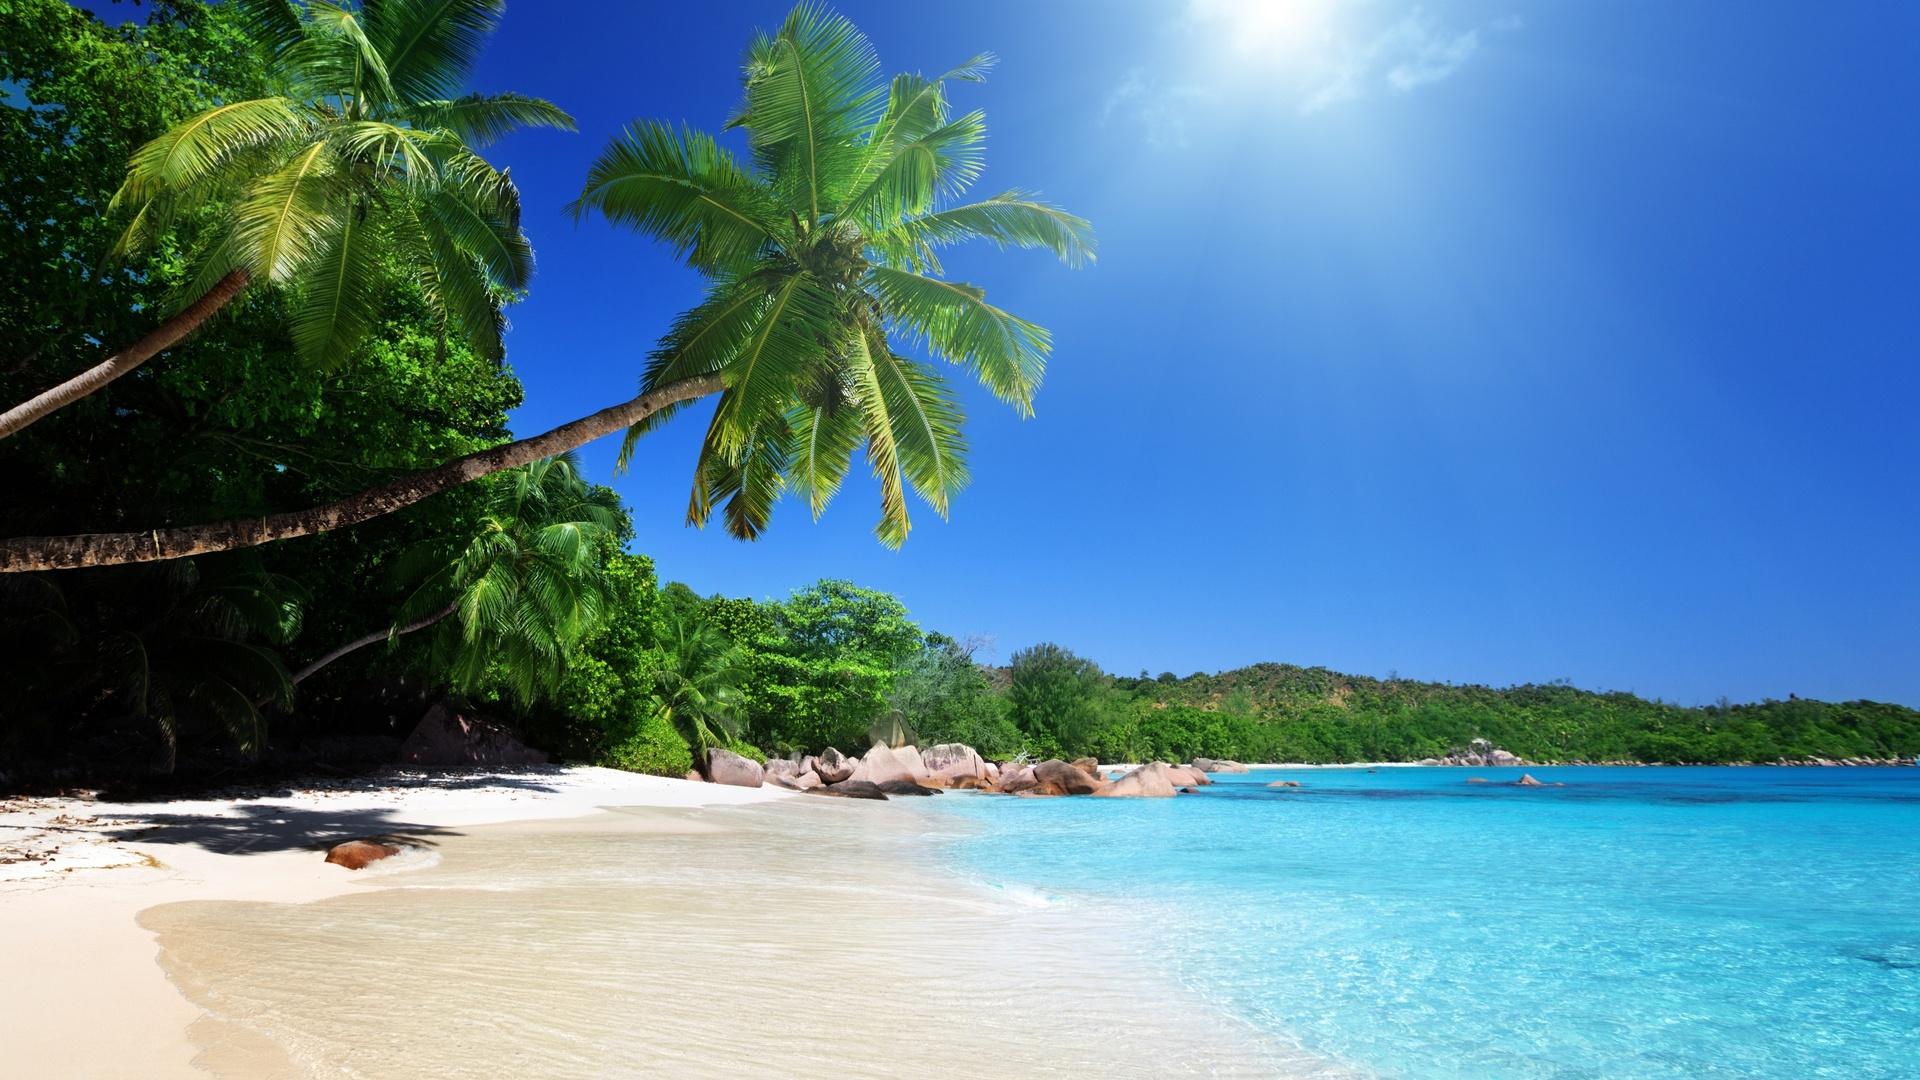 Обои для рабочего стола море лето пляж скачать бесплатно